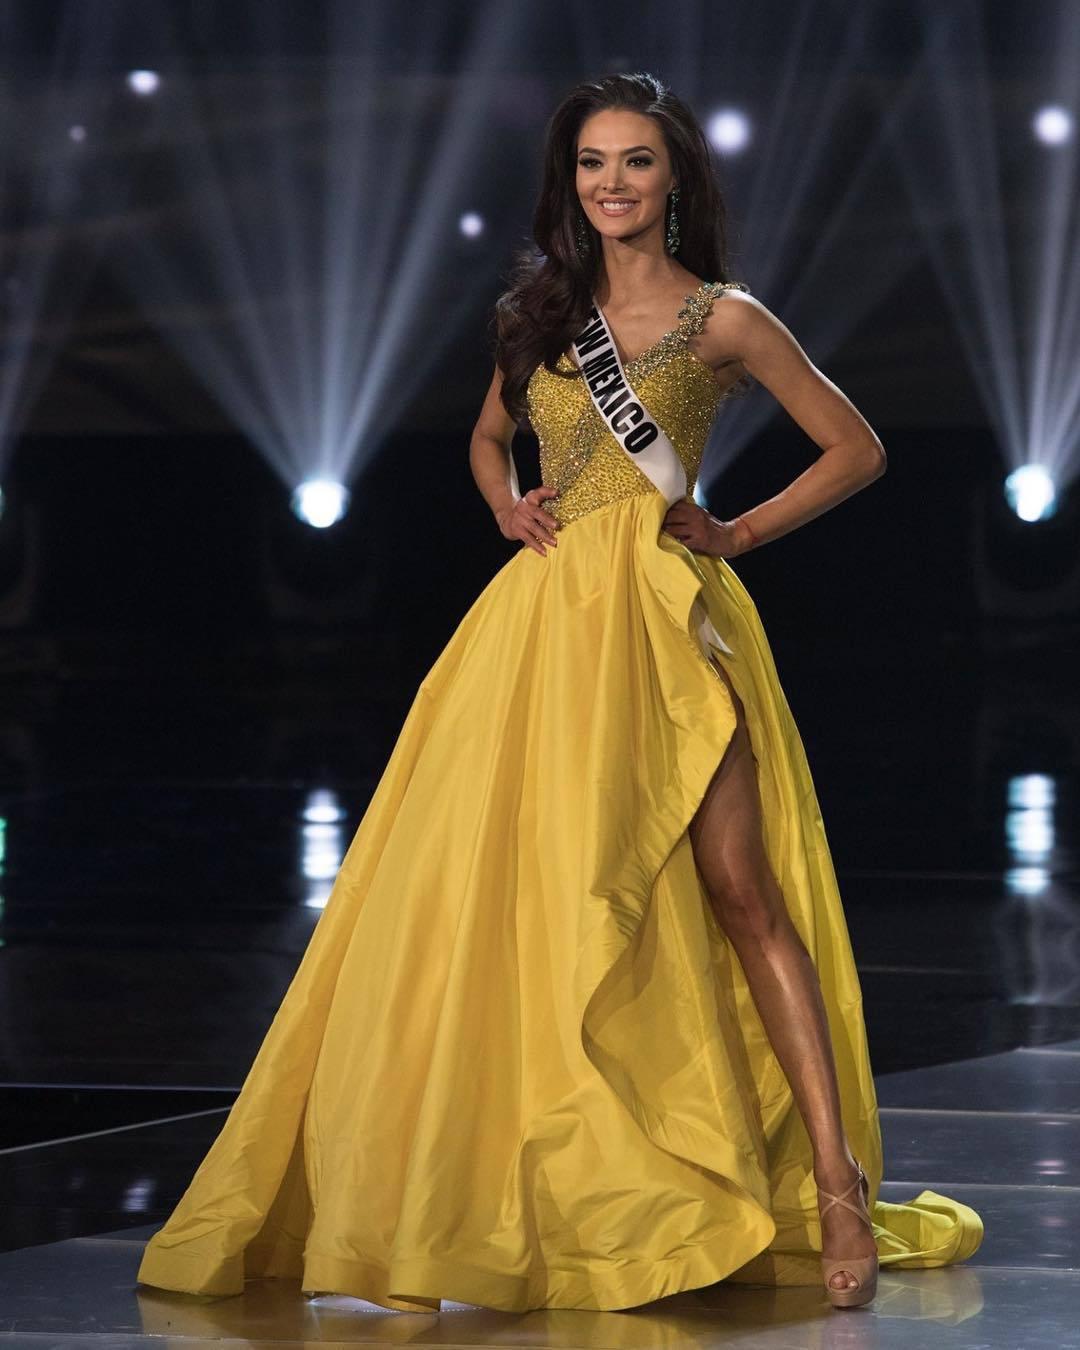 alejandra gonzalez, top 2 de miss usa 2019. - Página 7 58802492_2339507289438141_2956529558723330569_n